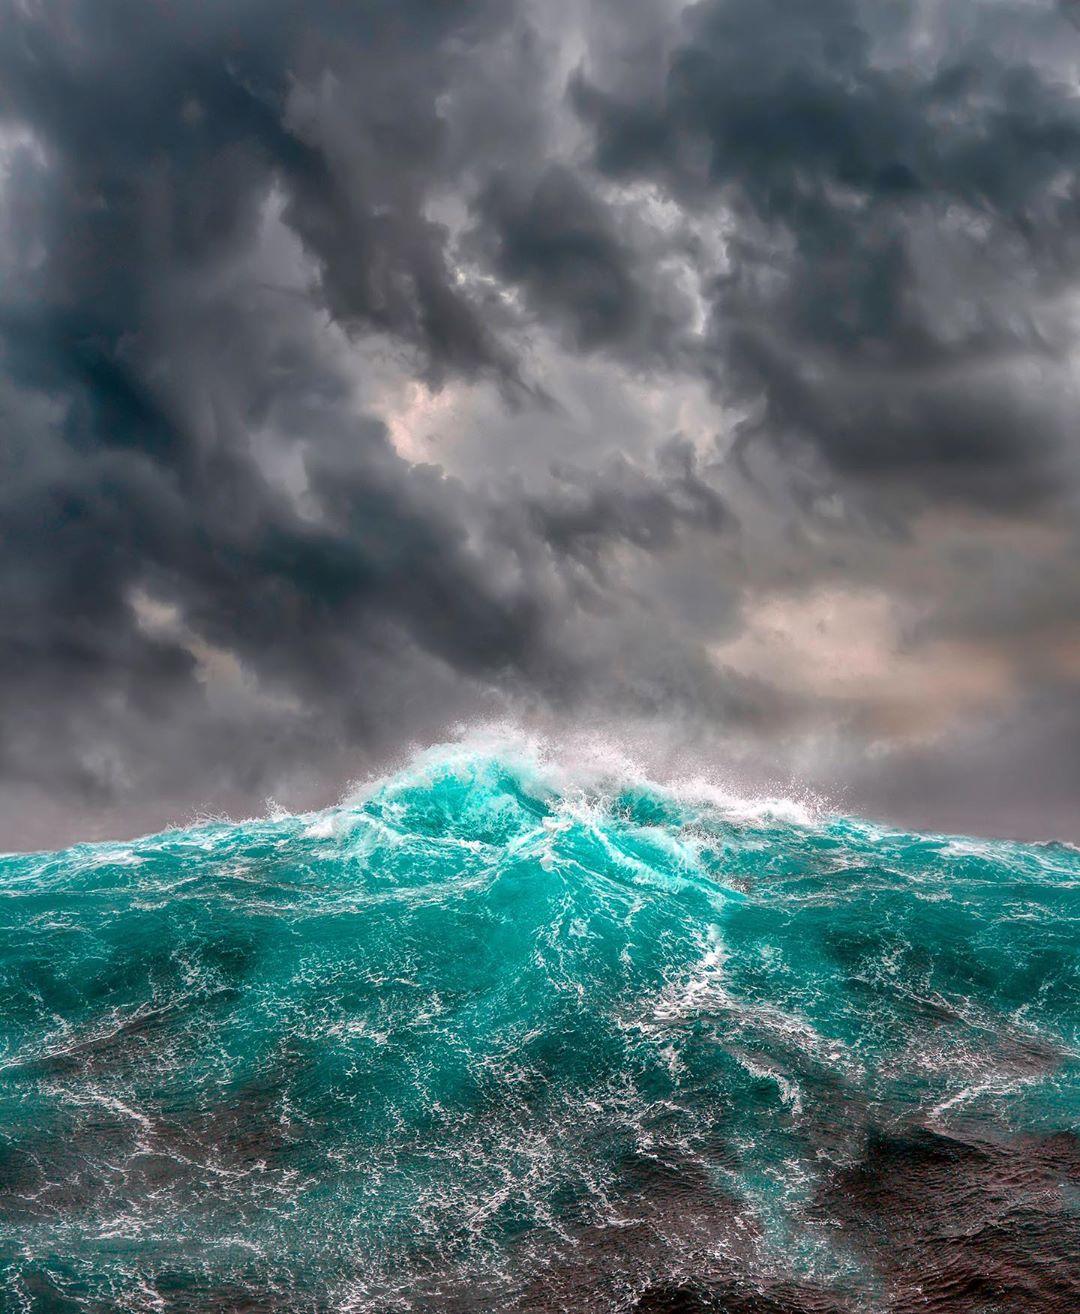 Замечательные пейзажные фотографии Джейсона Райта